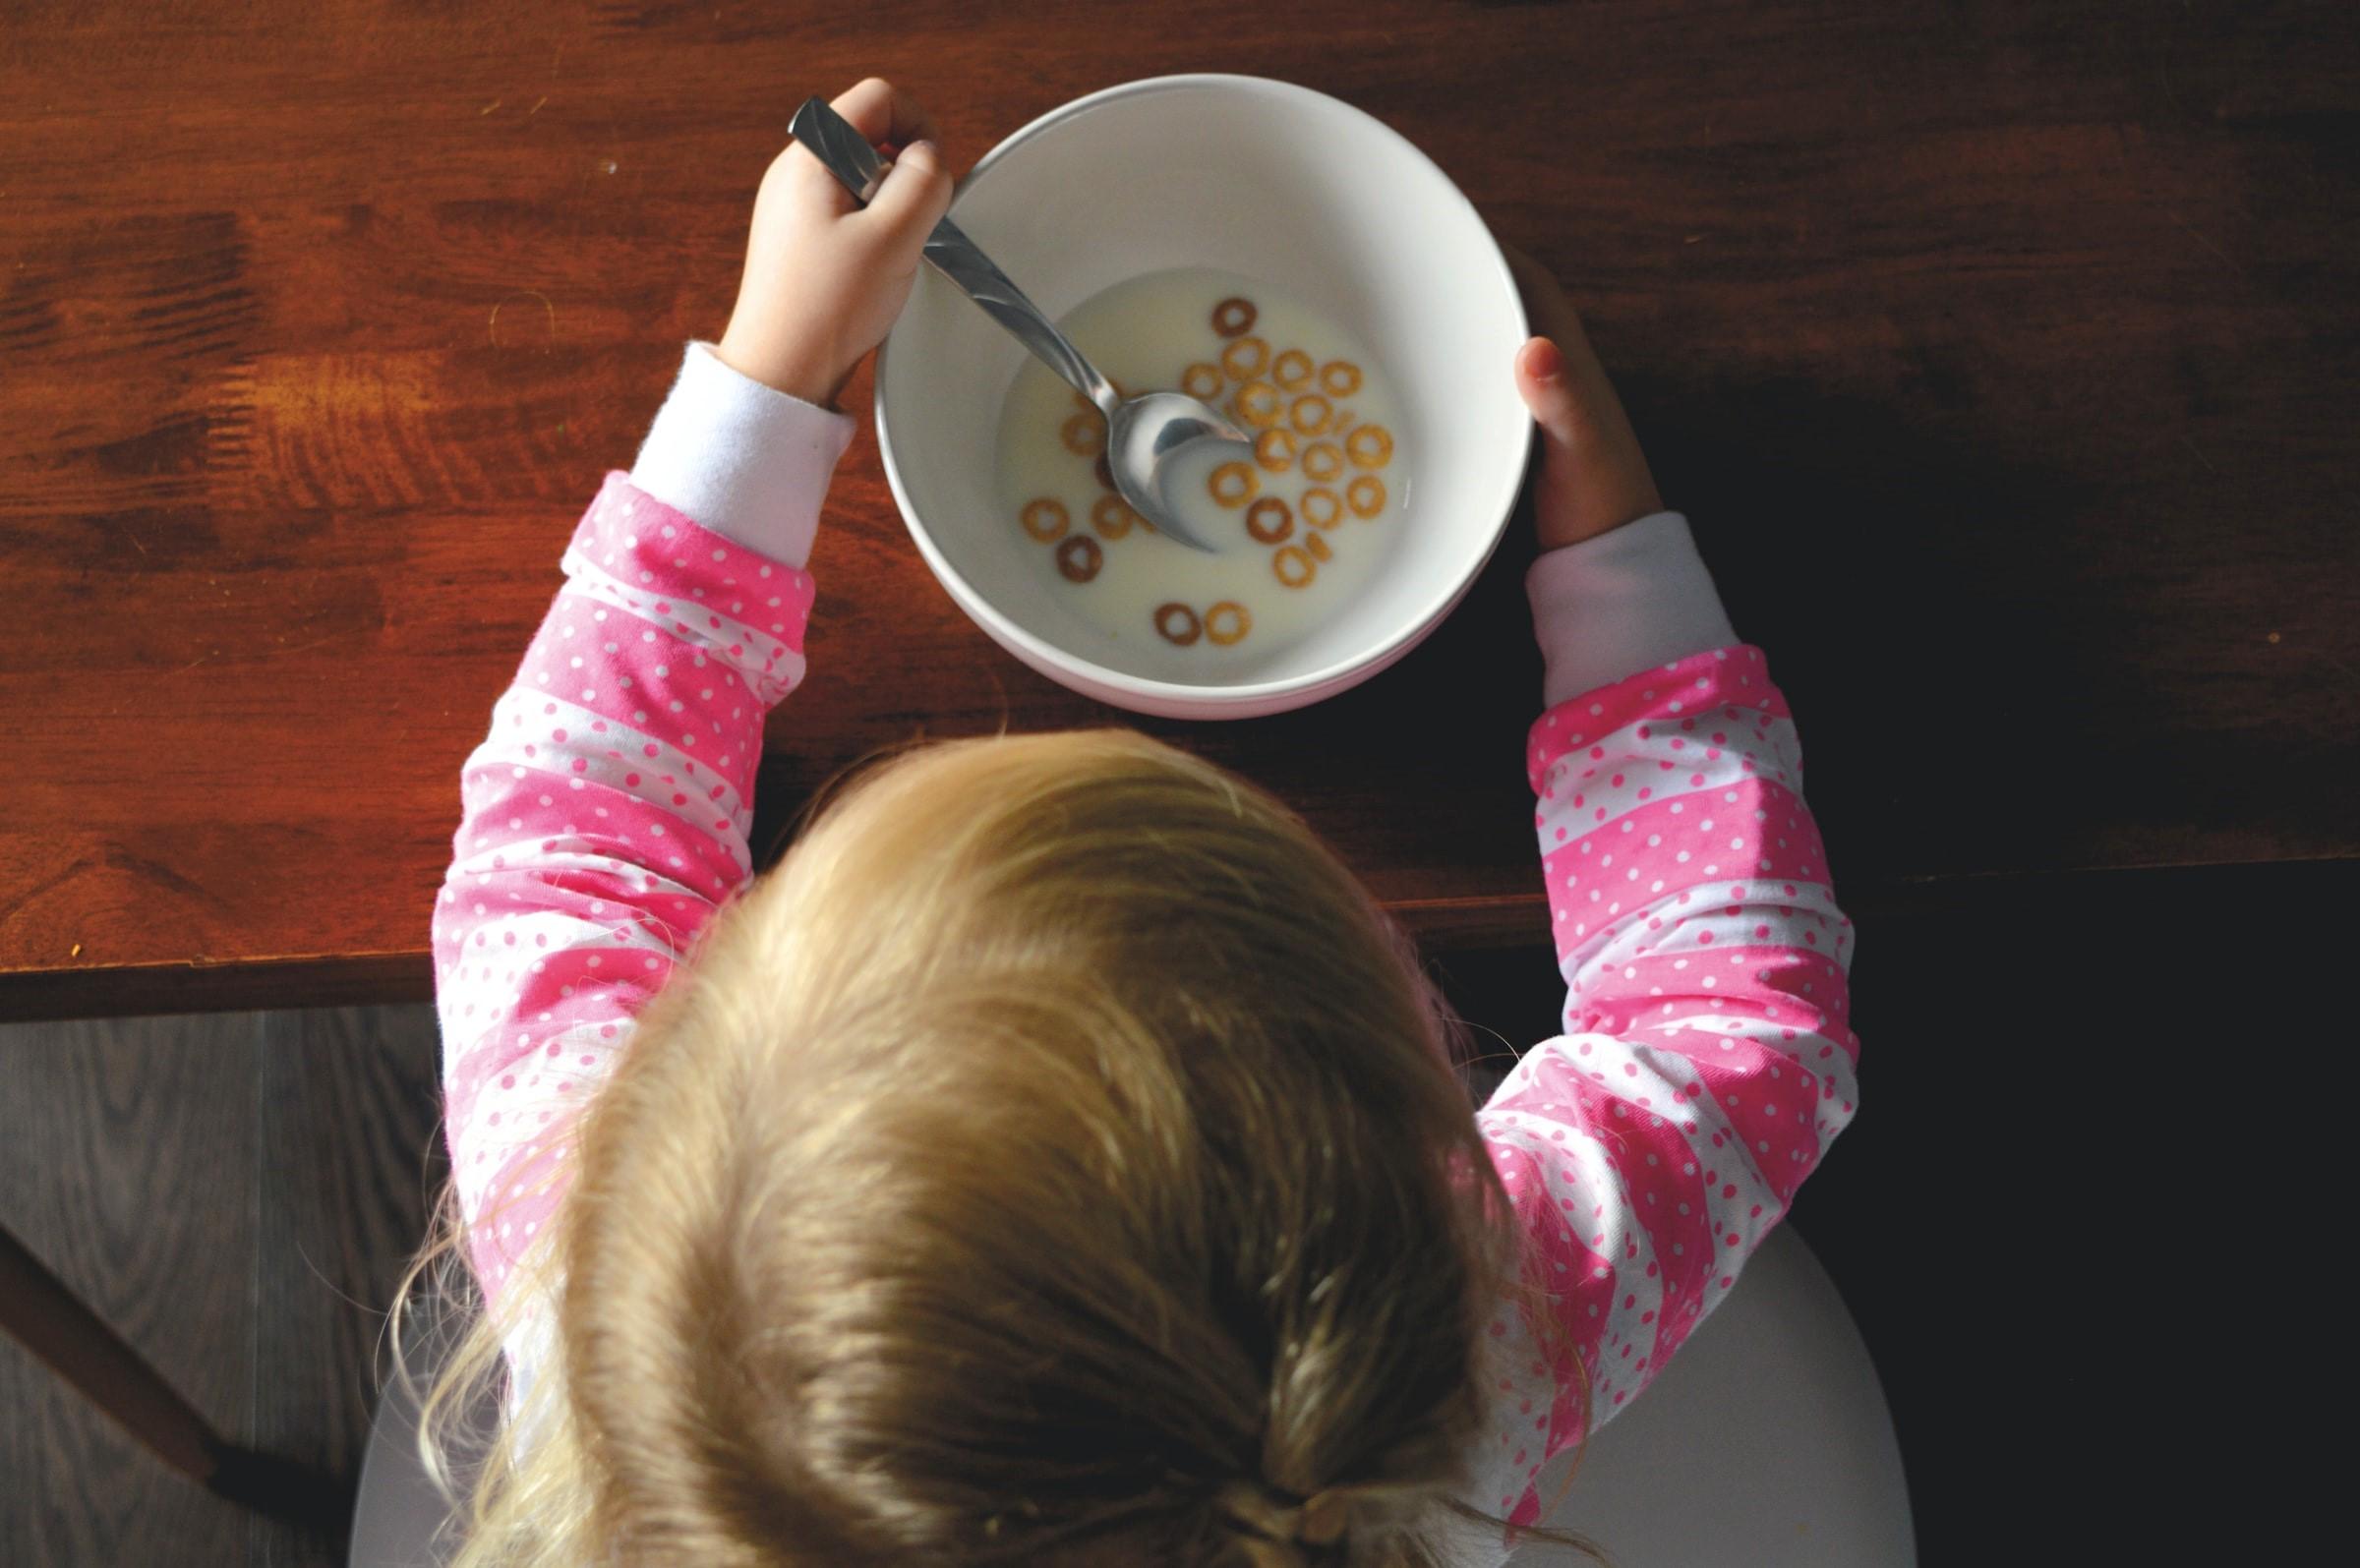 Mjölk och flingor är rolig mat för barn med formrika flingor